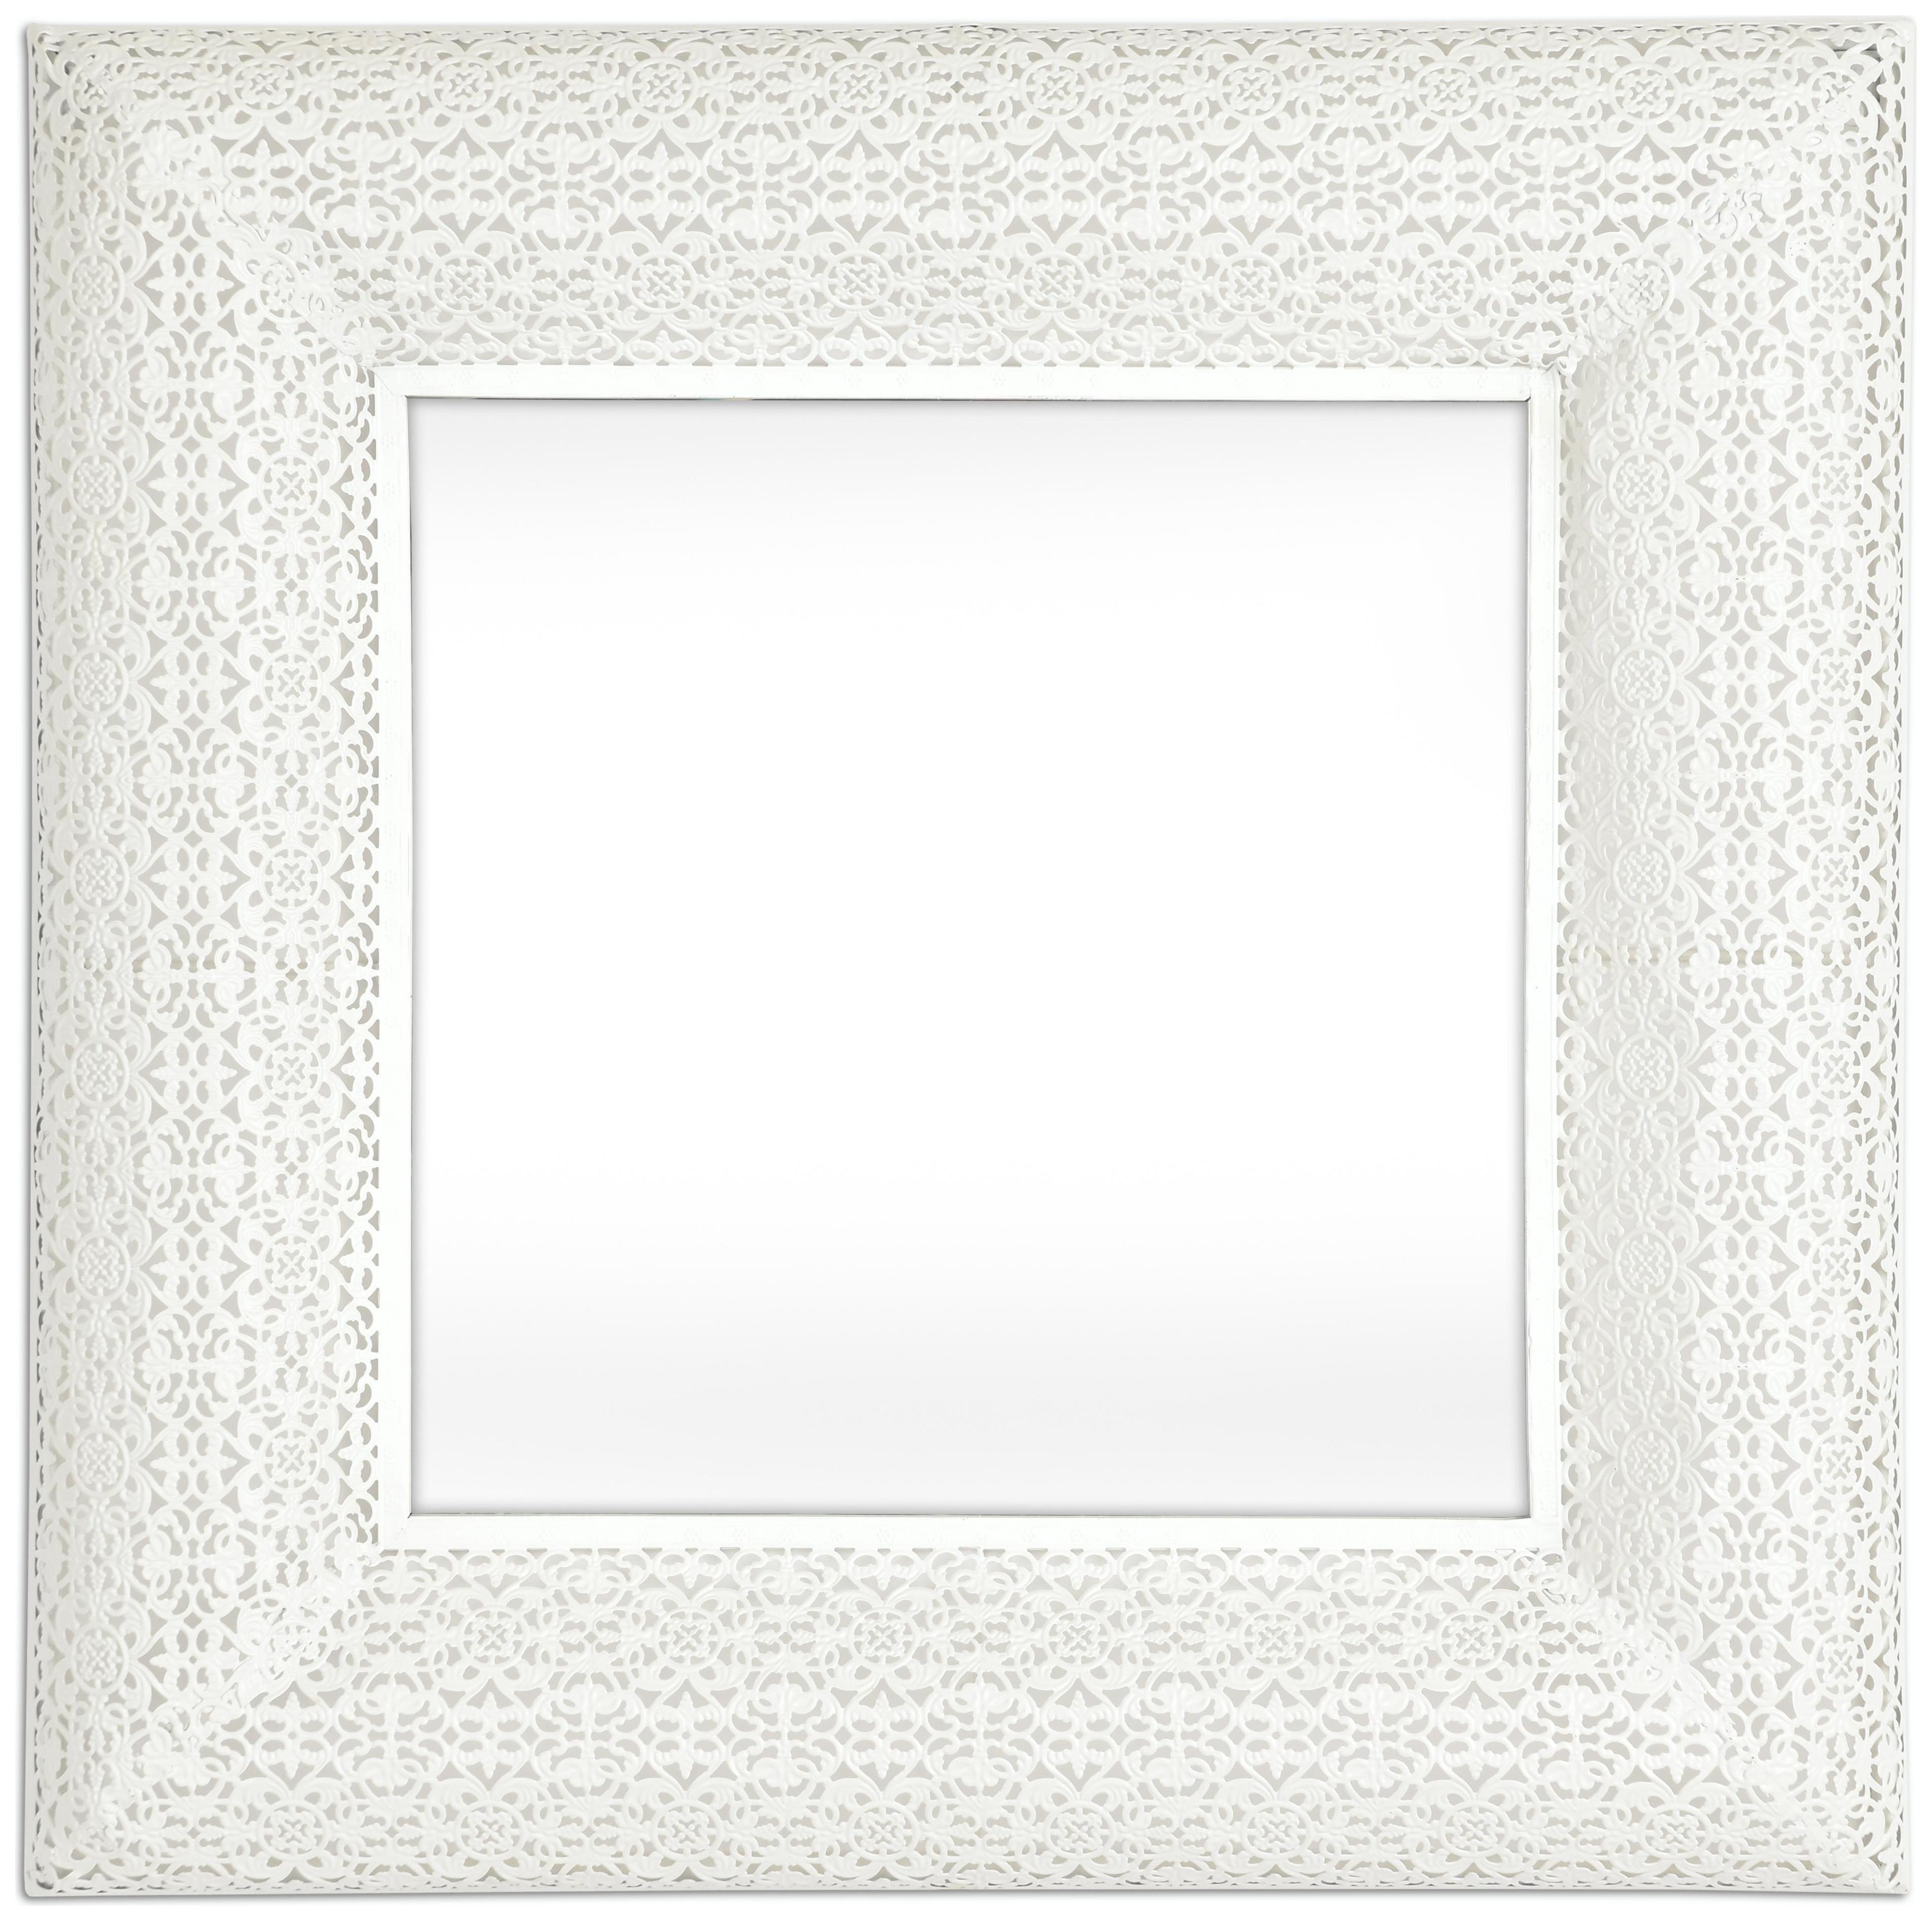 Marrakesh Square Mirror - White.